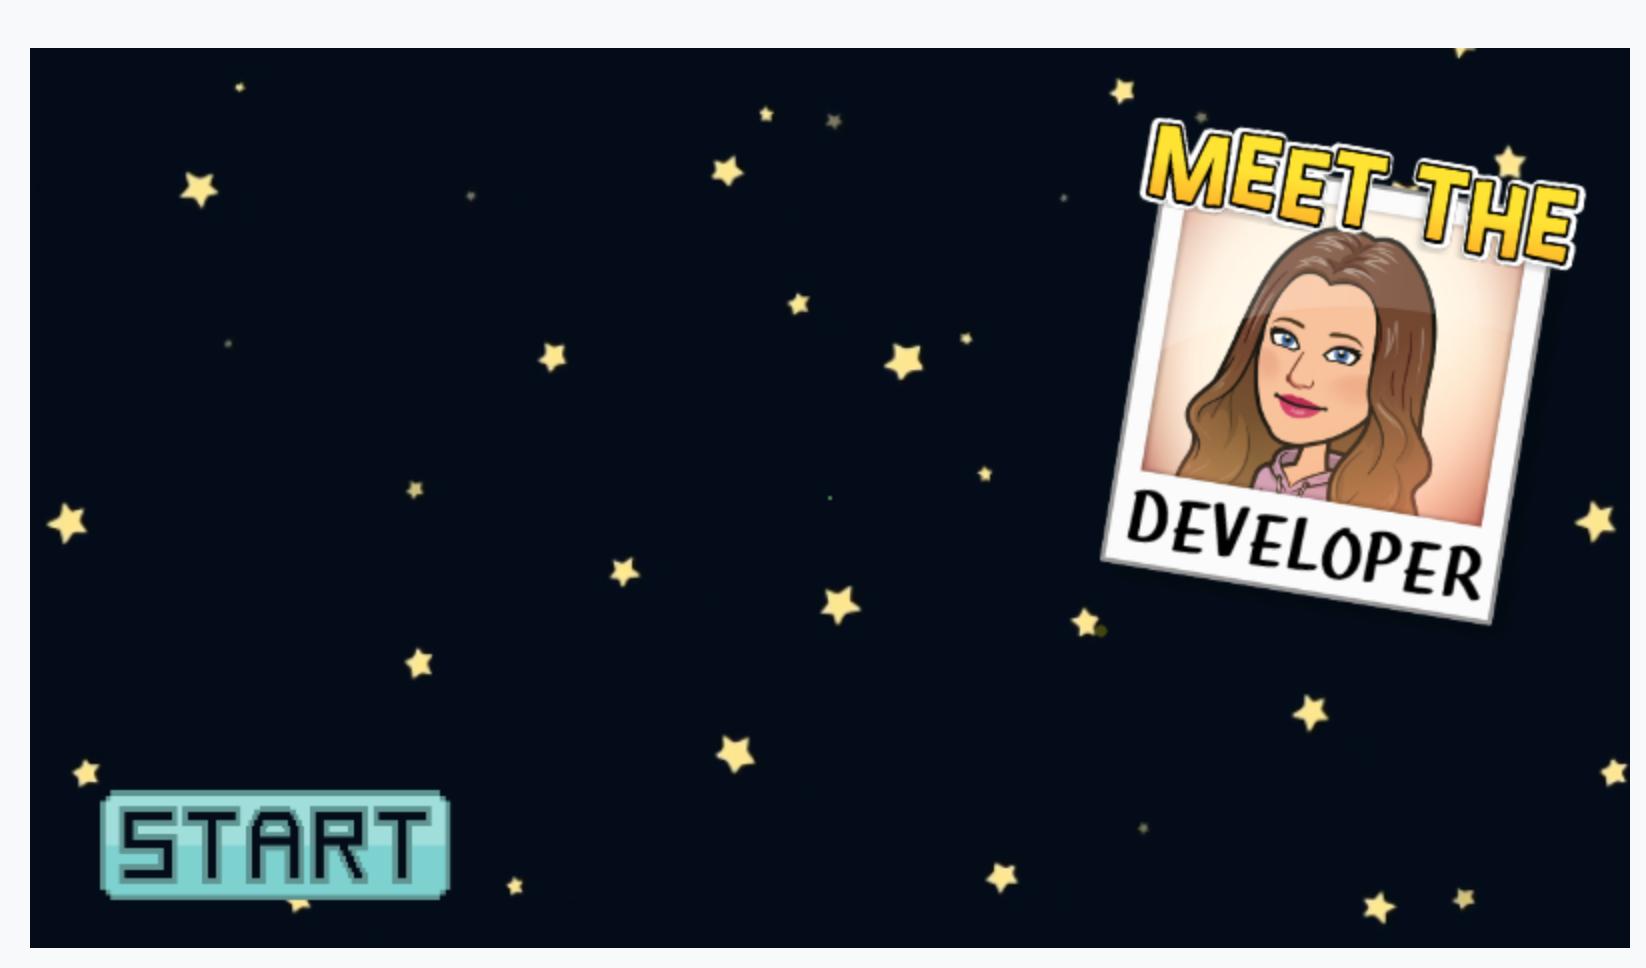 Meet the Developer - Jennifer